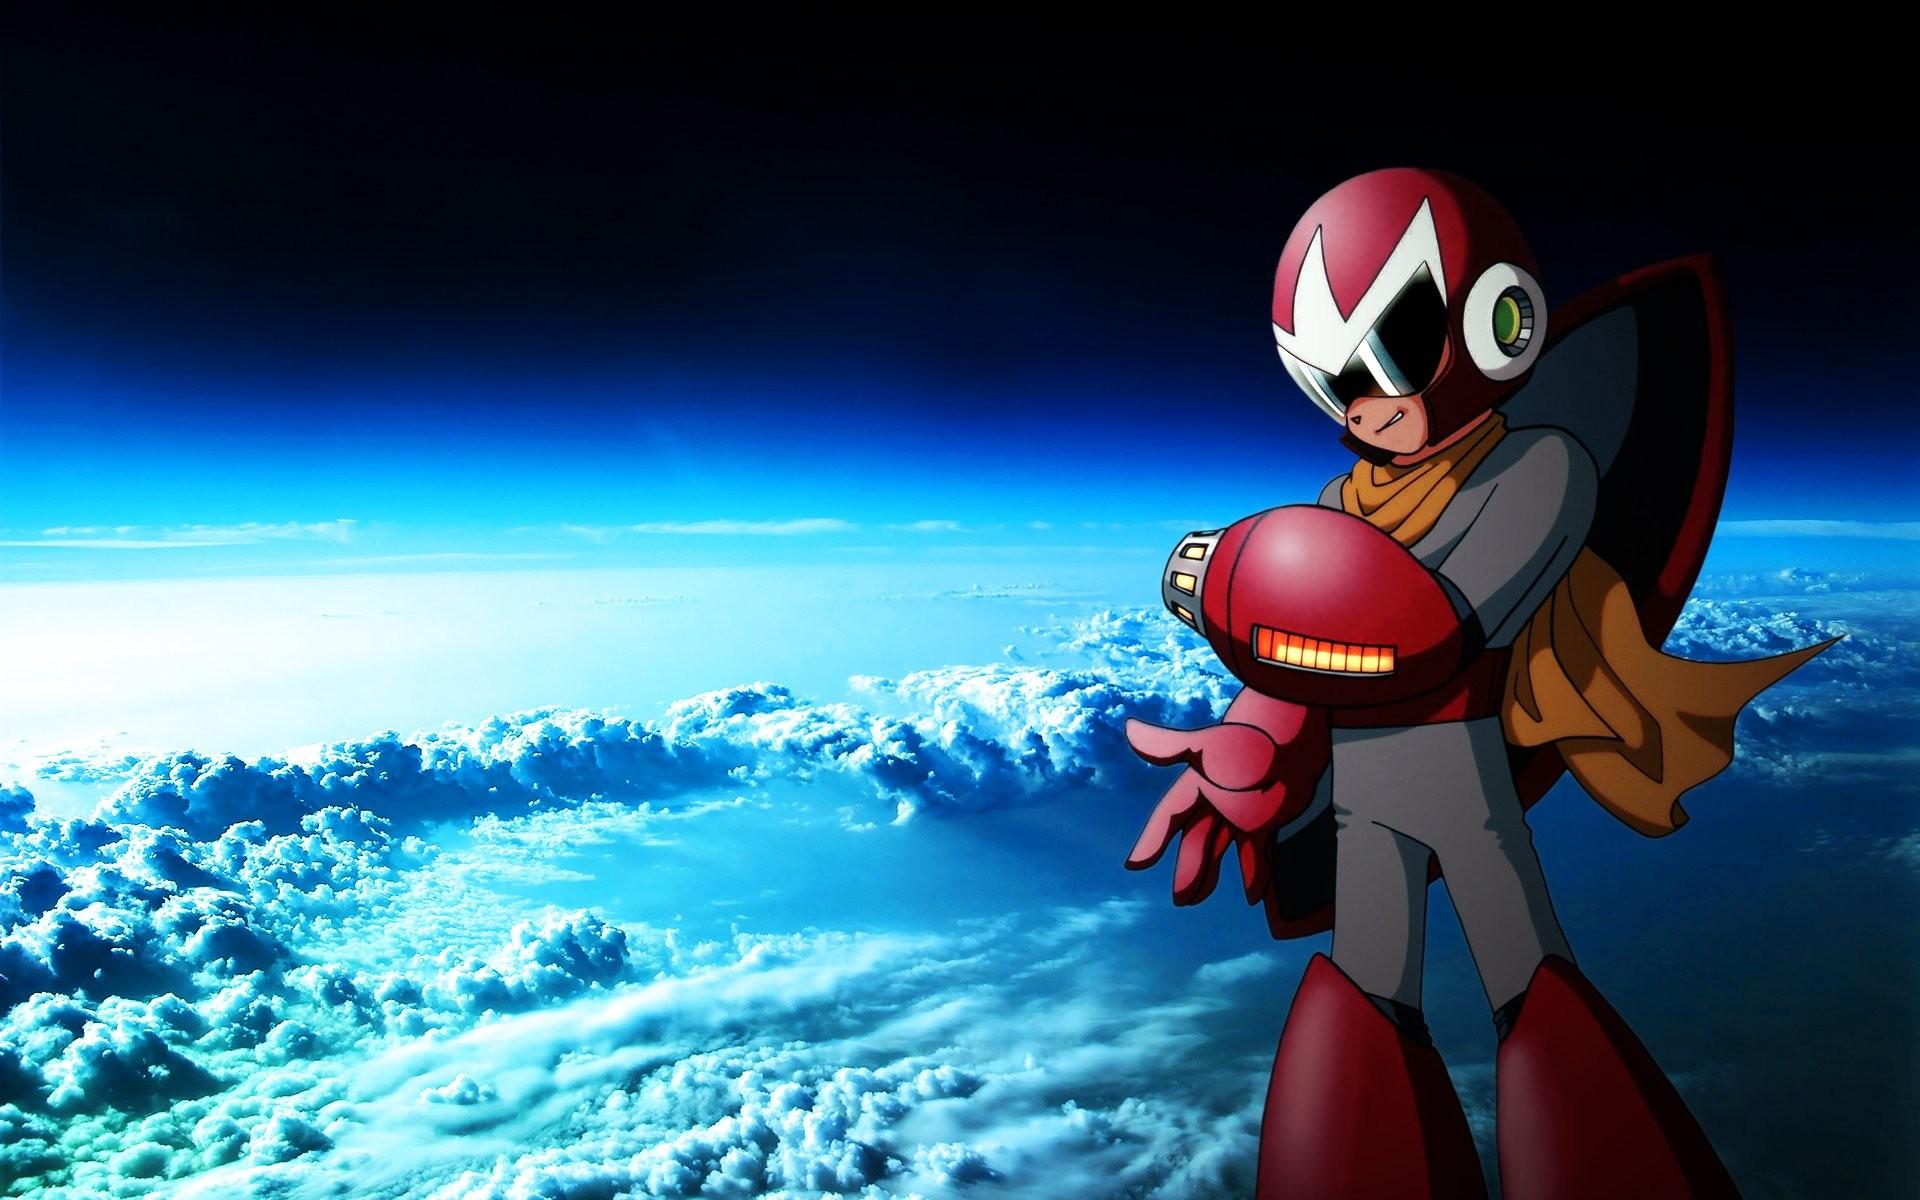 Mega Man Protoman Rockman wallpaper | | 335546 | WallpaperUP